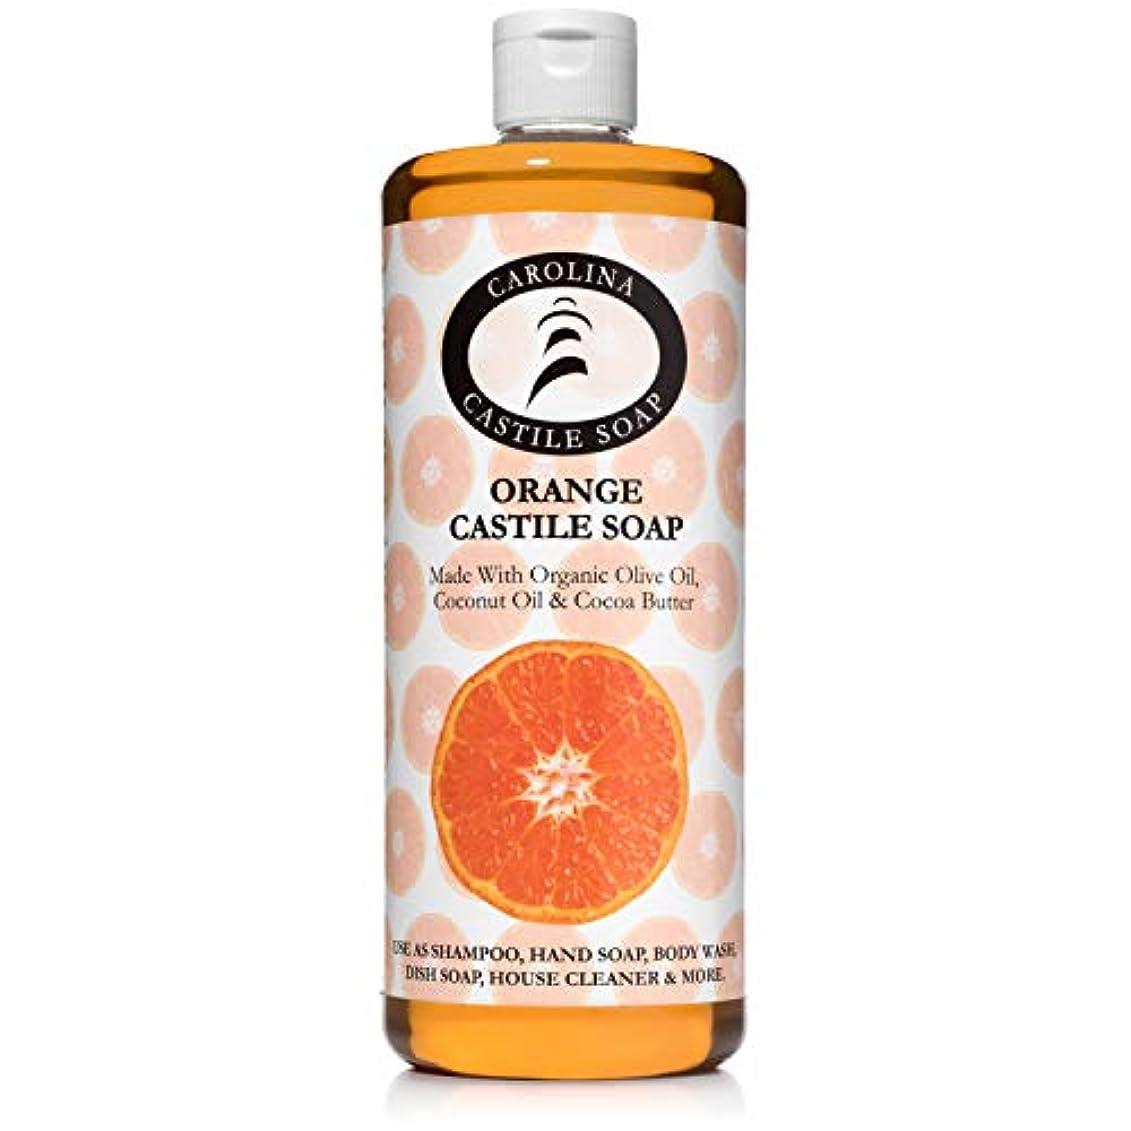 パステル収入のぞき見Carolina Castile Soap オーガニックカカオバターオーガニック 32オズ